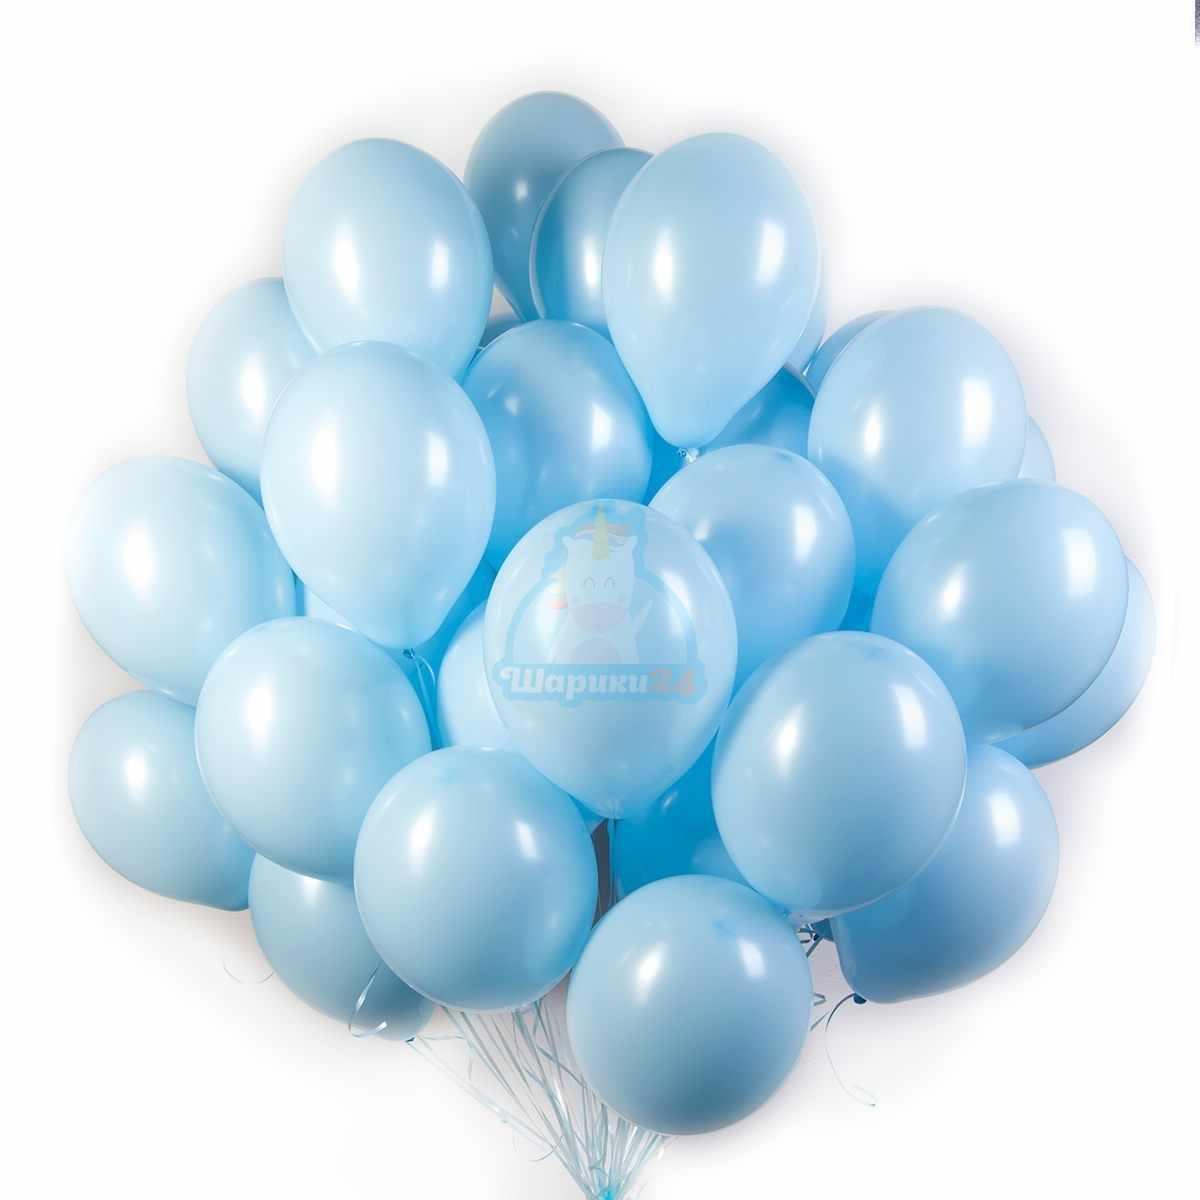 Облако из 48 шаров фото в интернет-магазине Шарики 24